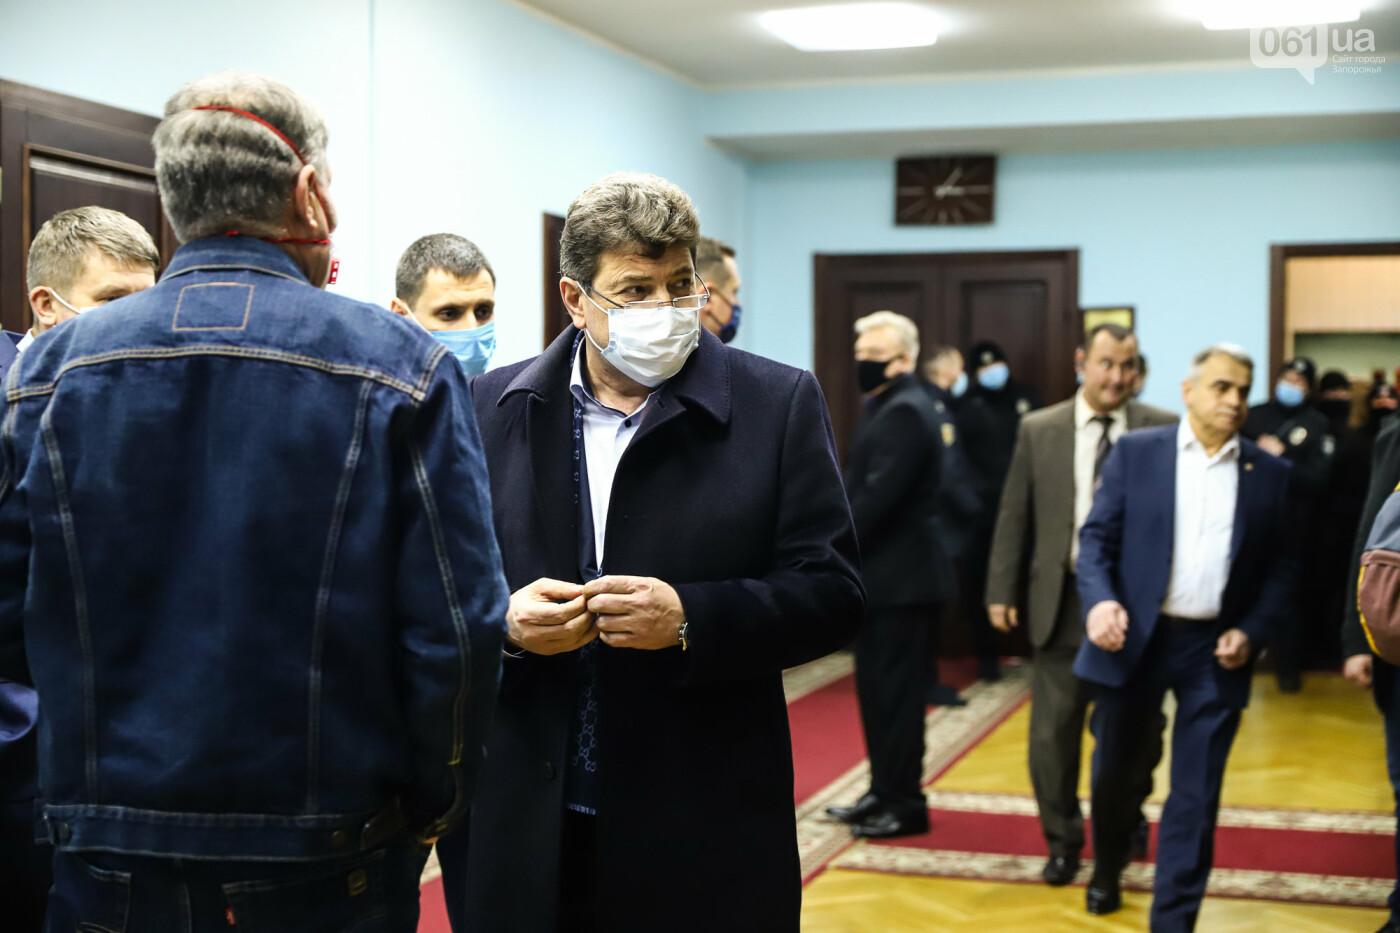 """Тайная """"сессия"""", сотни правоохранителей и стычки с активистами - что происходило в здании Запорожского облсовета, - ФОТО, ВИДЕО , фото-36"""